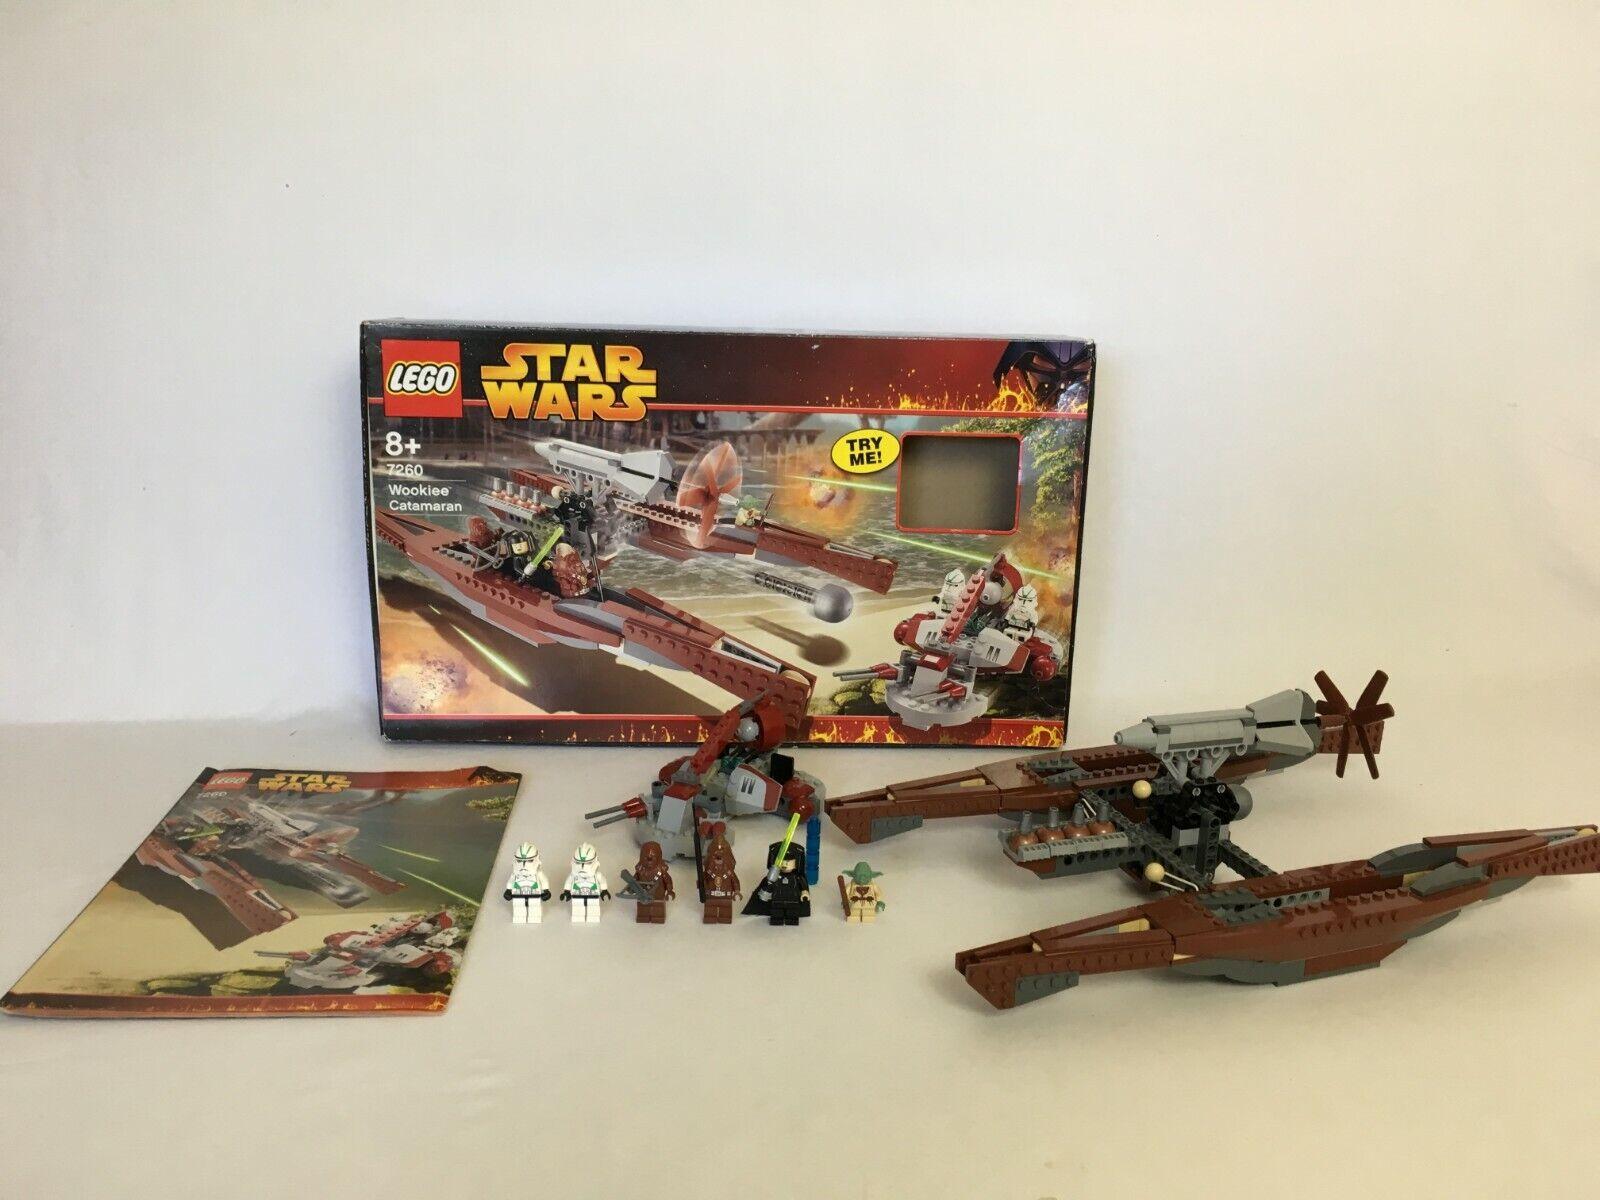 LEGO® Star Wars 7260 Wookiee Catamaran